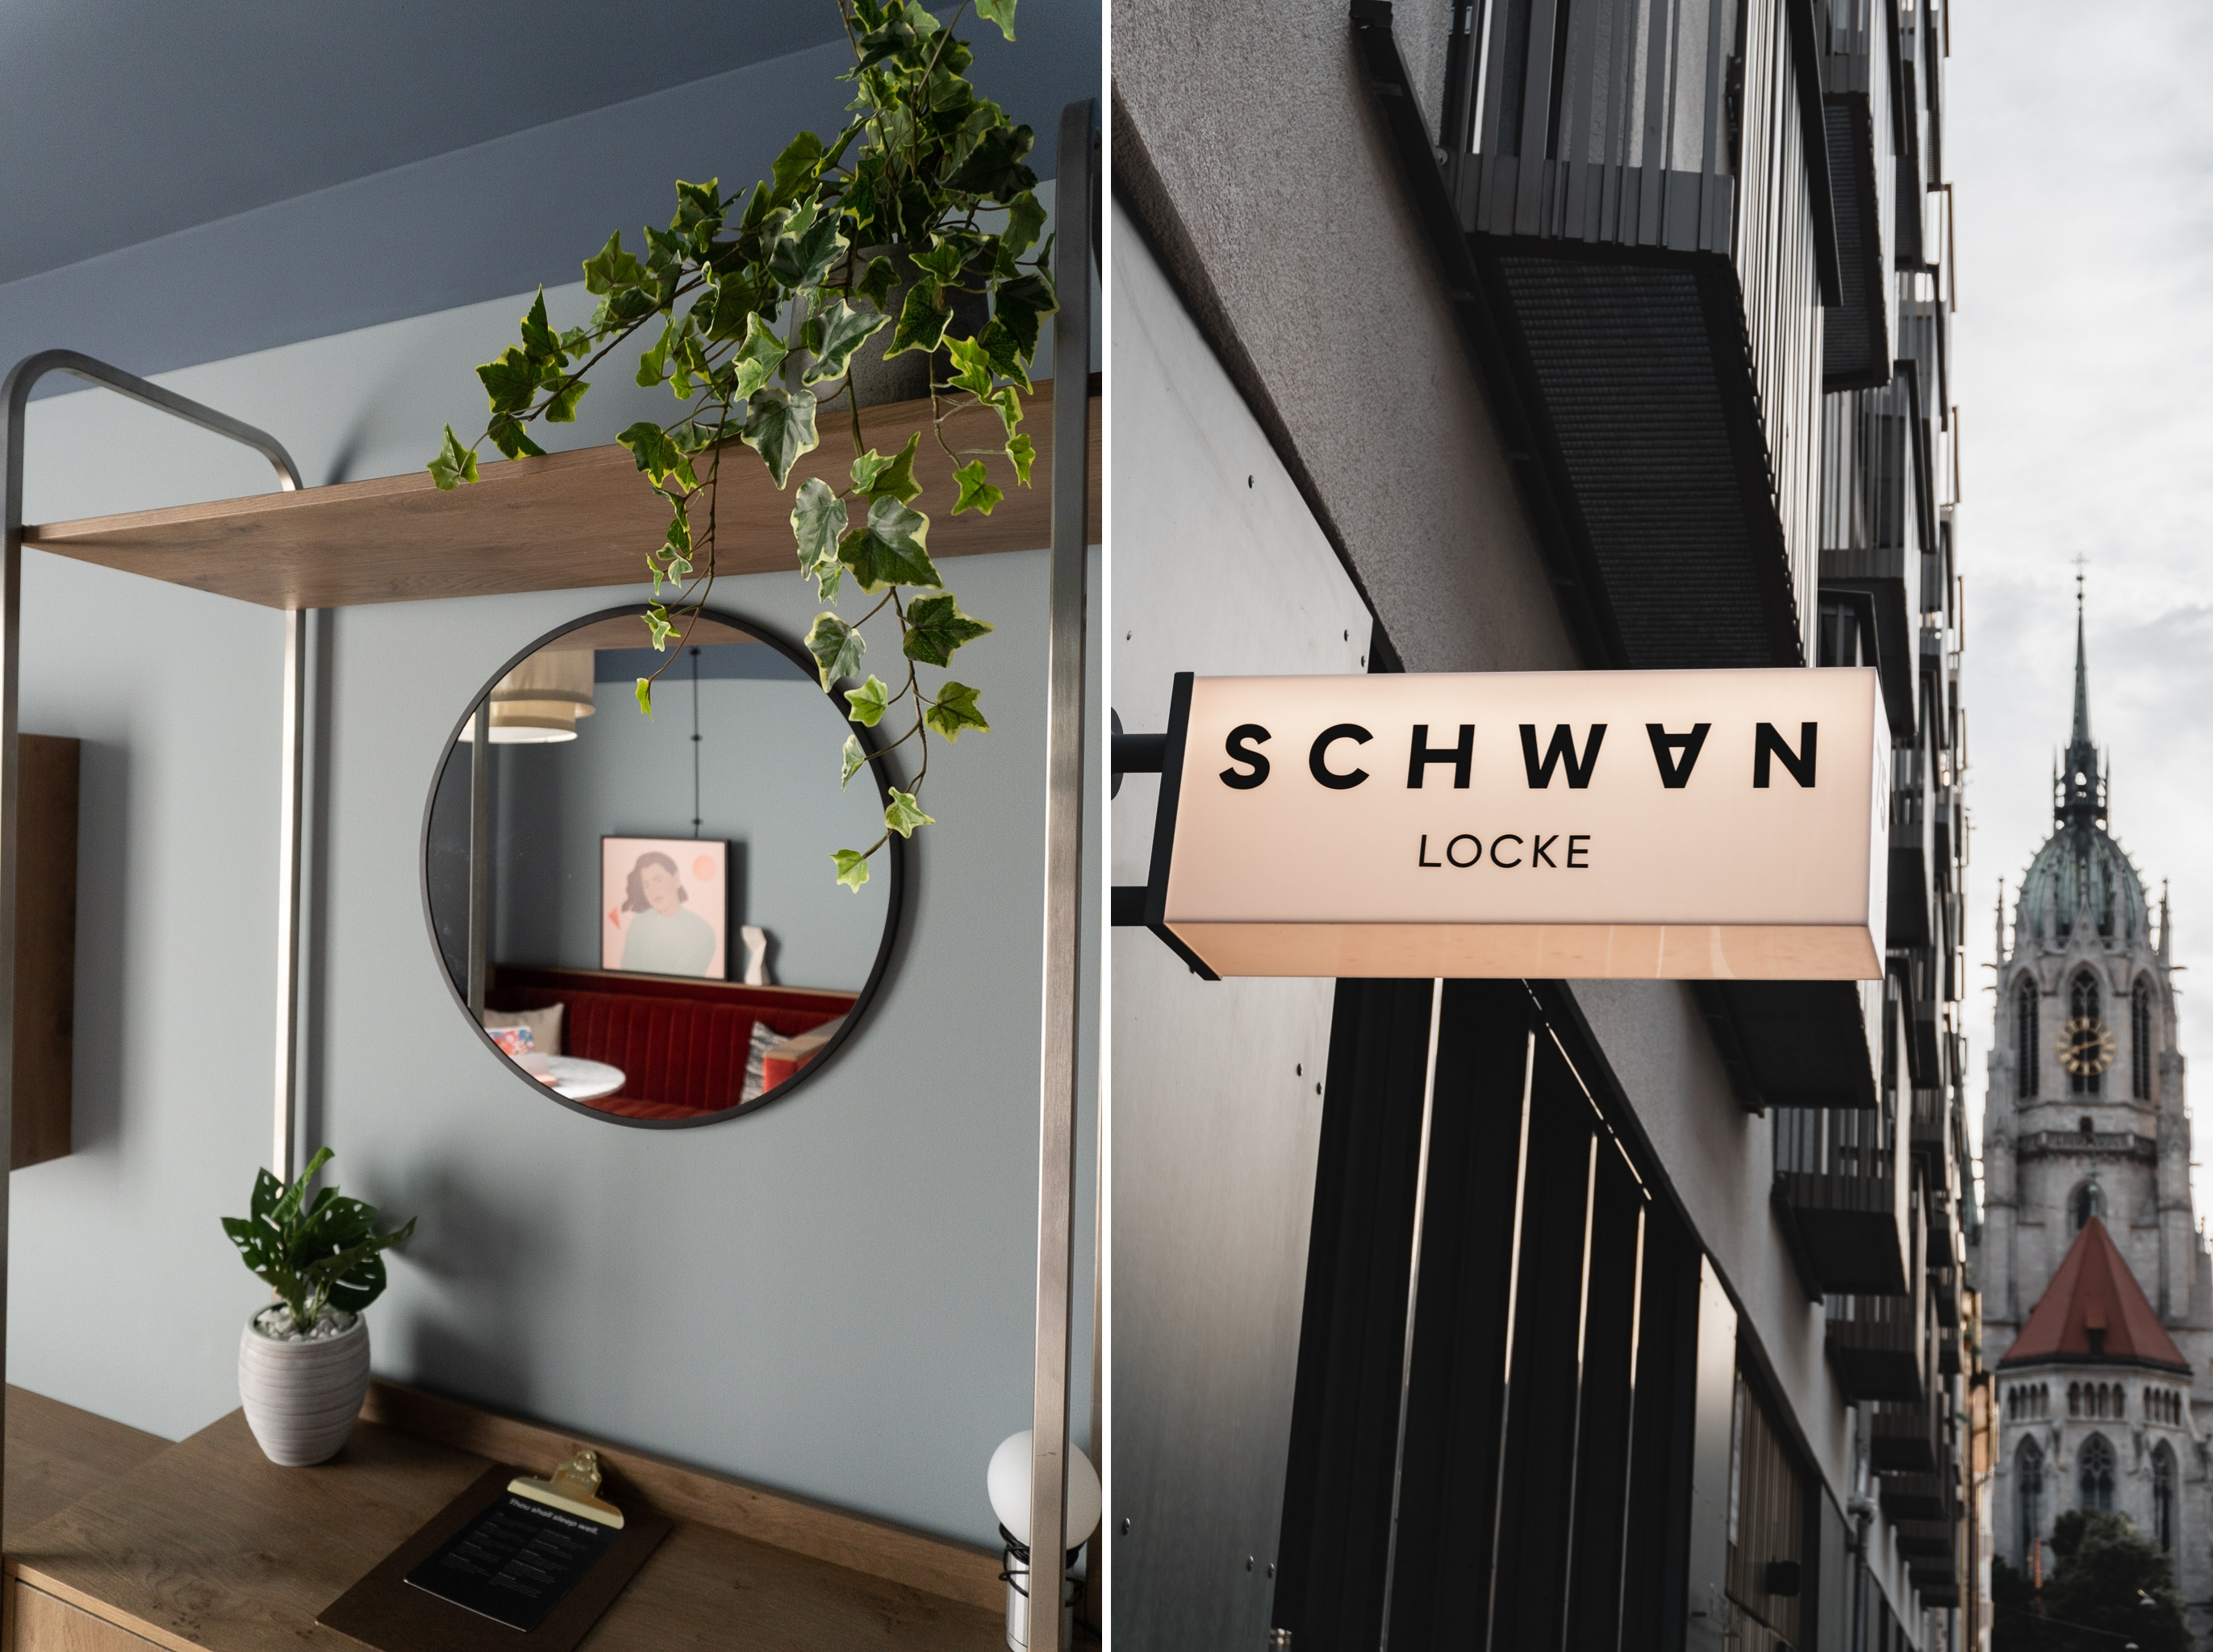 Schwan Locke Hotel